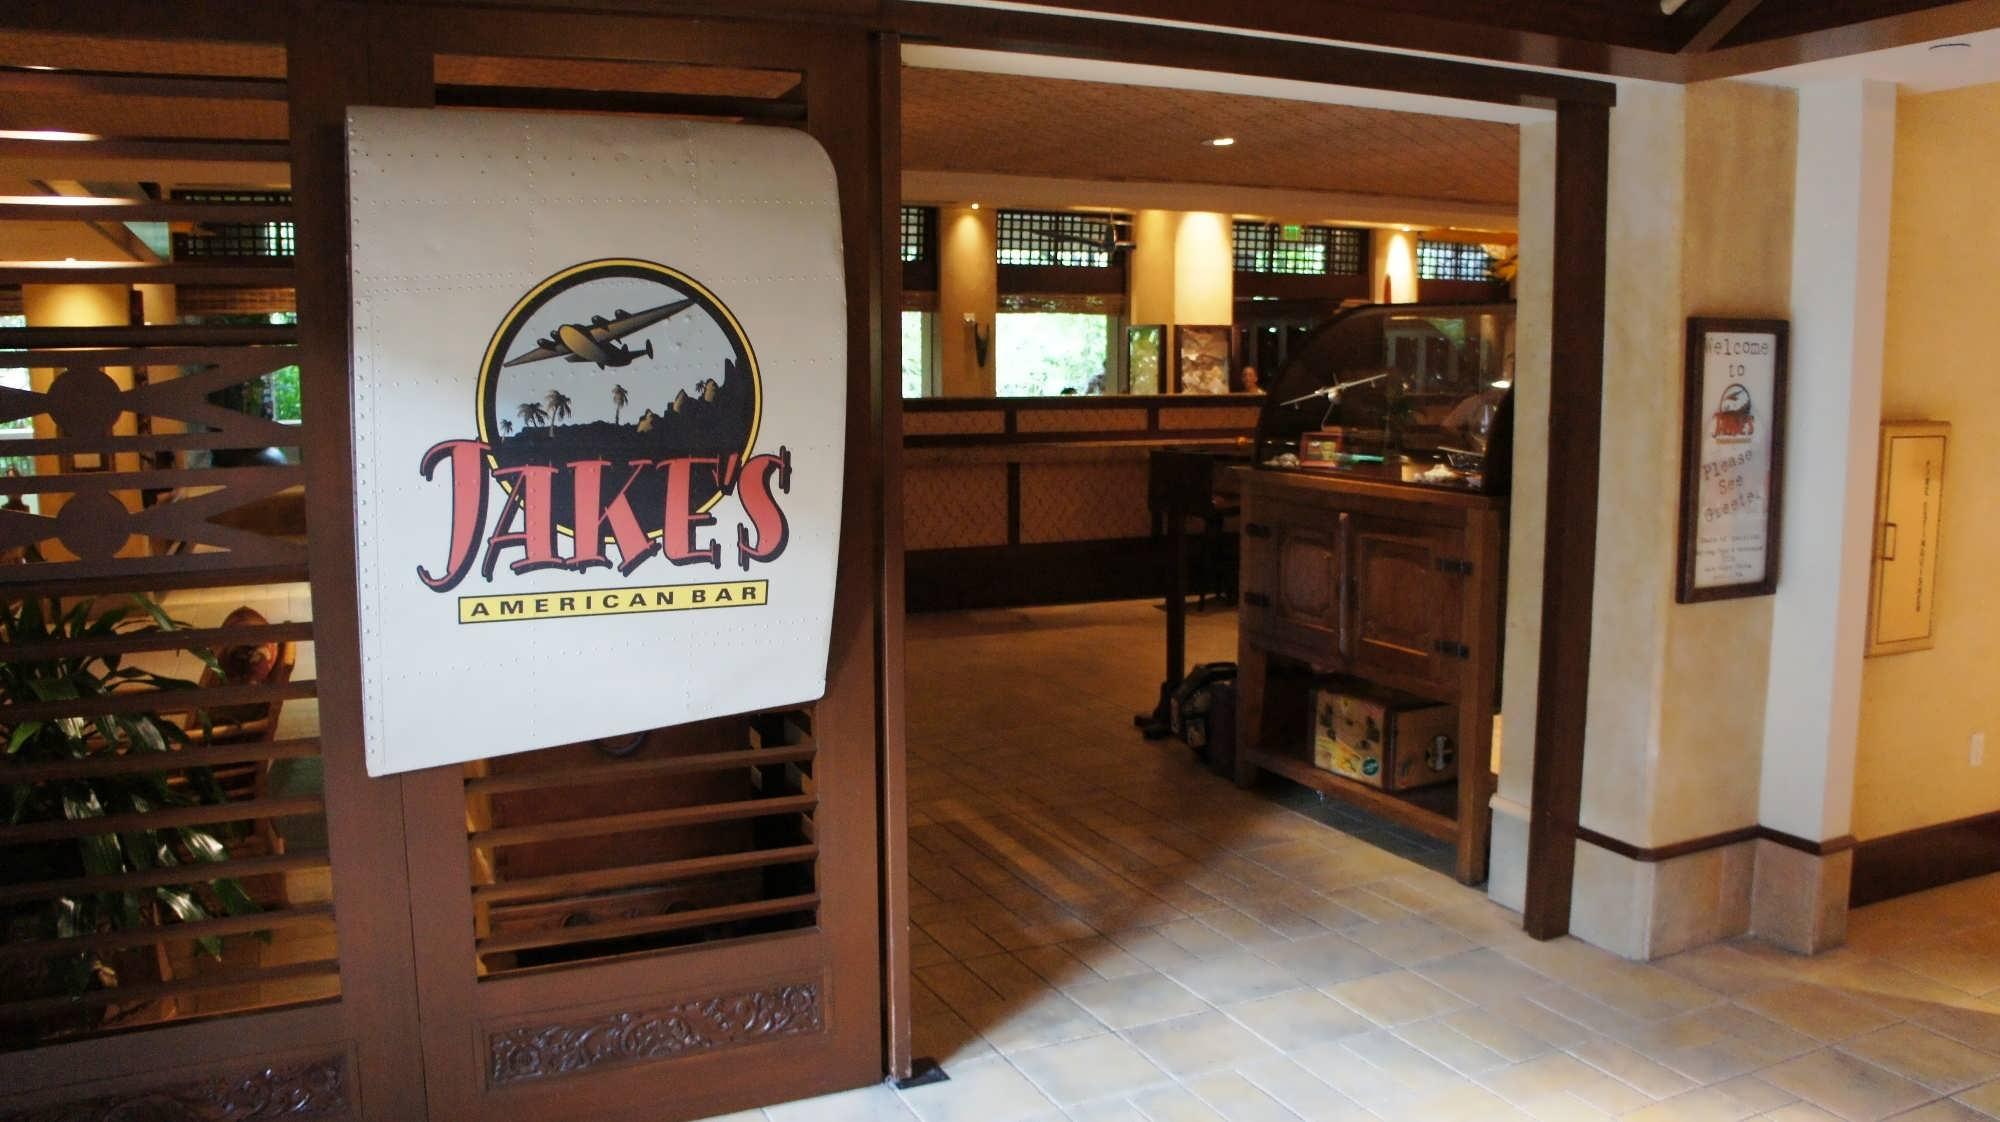 Entrance to Jake's American Bar at Royal Pacific Resort